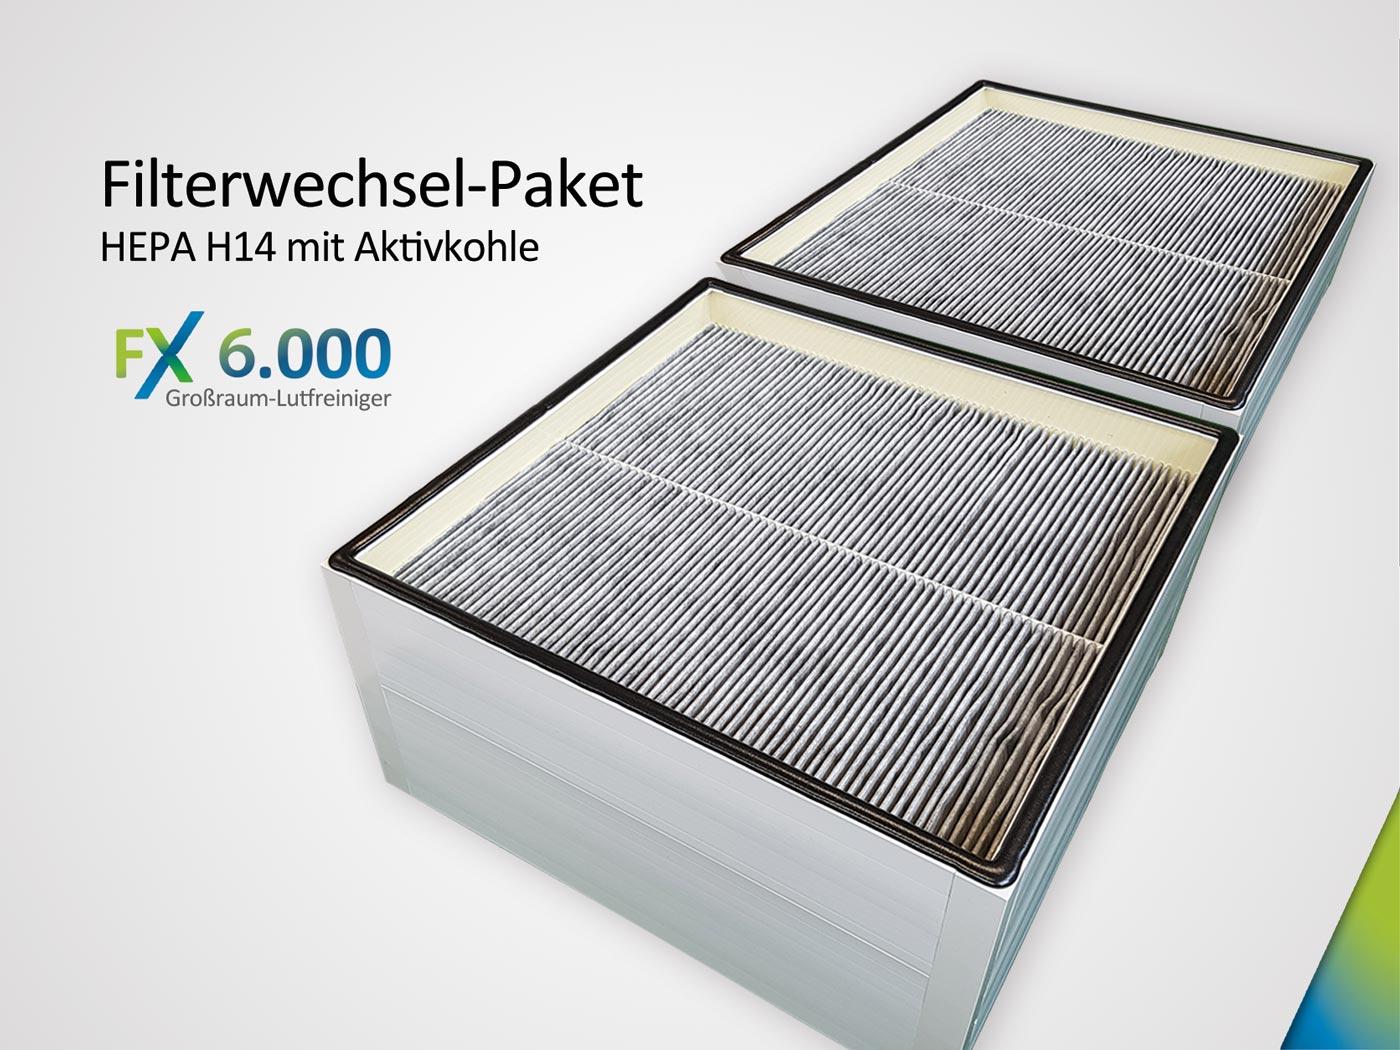 Filterwechsel-Paket FX6.000 Set bestehend aus 2 xKombifilter HEPA H14& AktivkohleAK